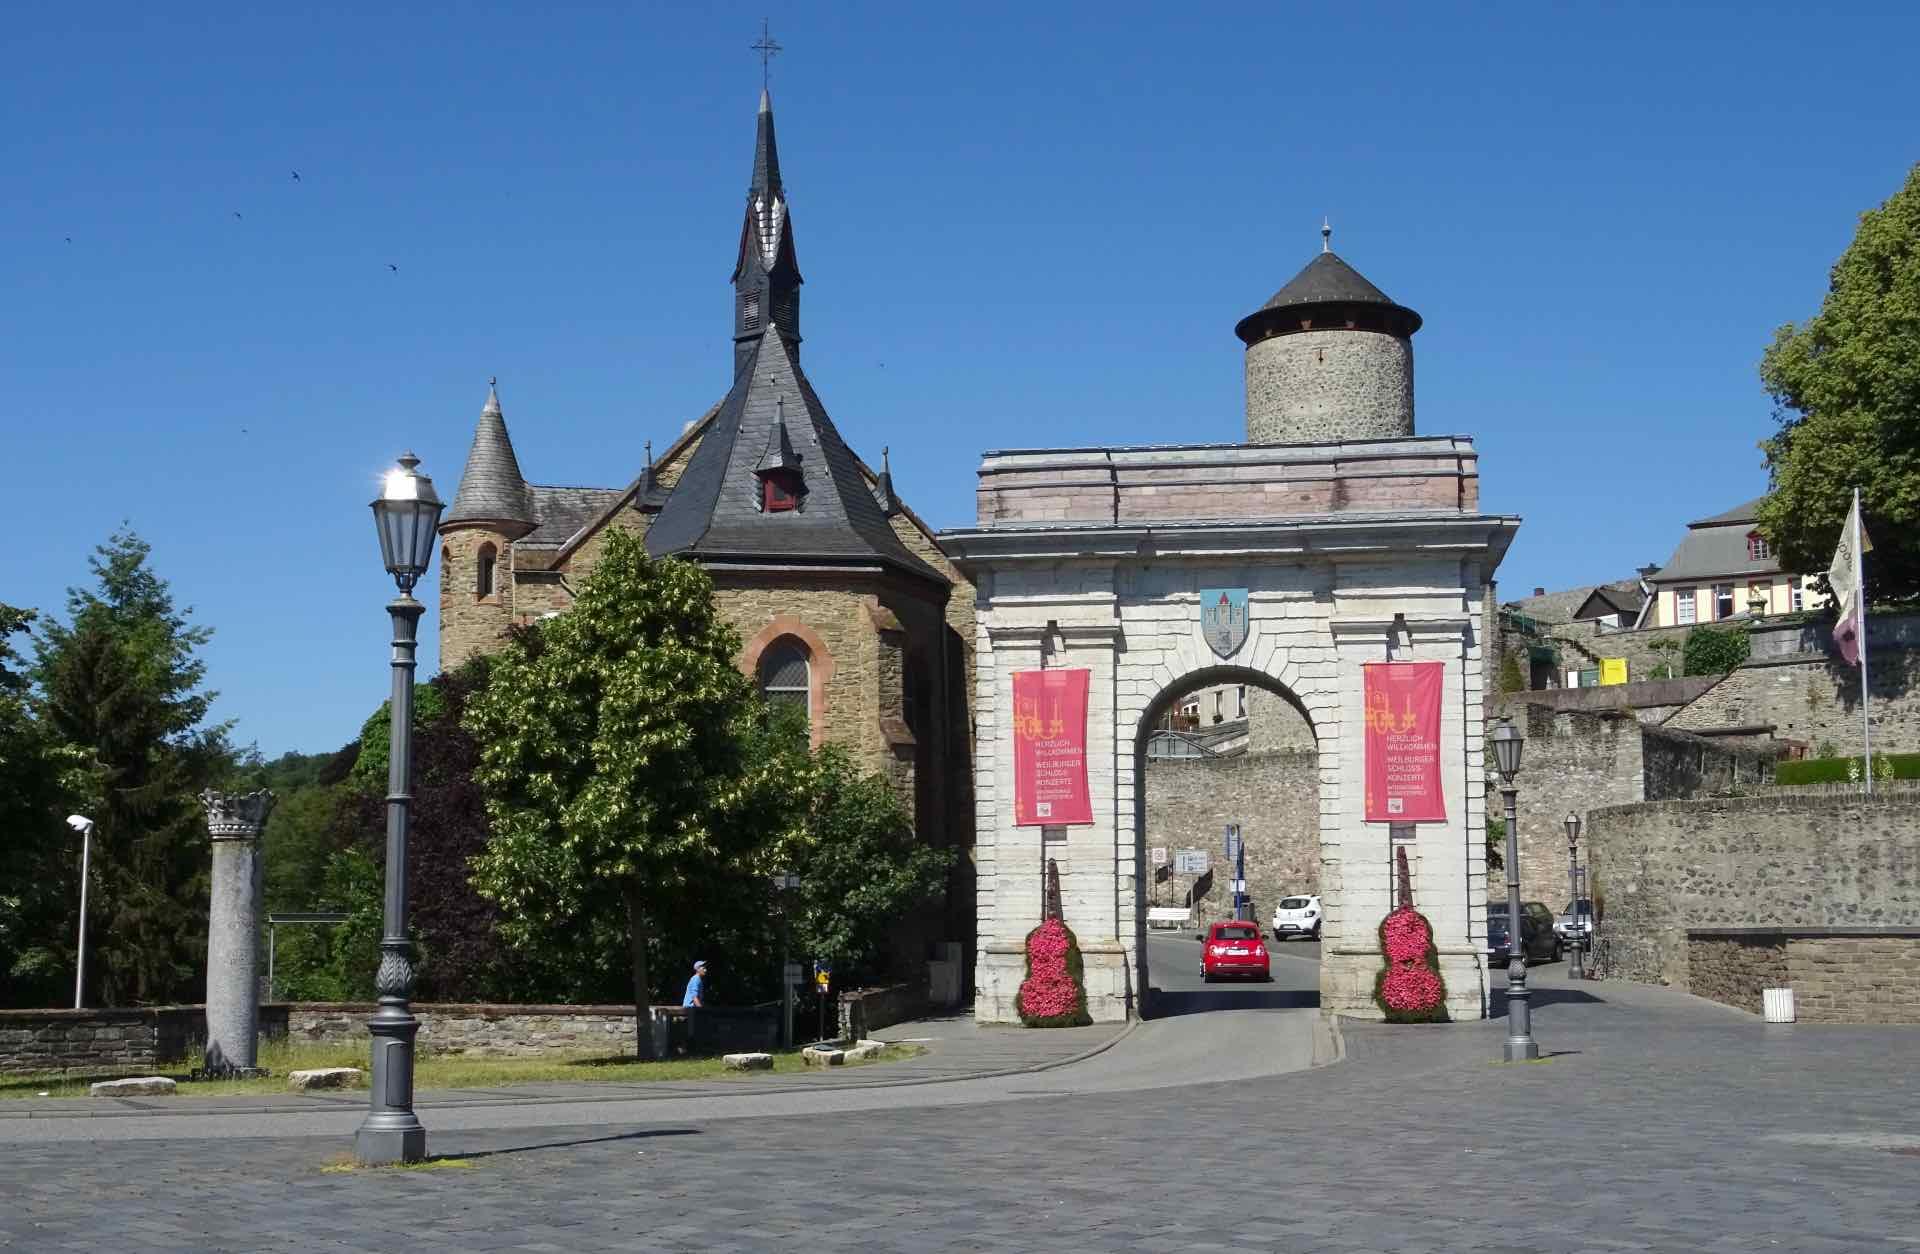 De stadspoort van Weilburg